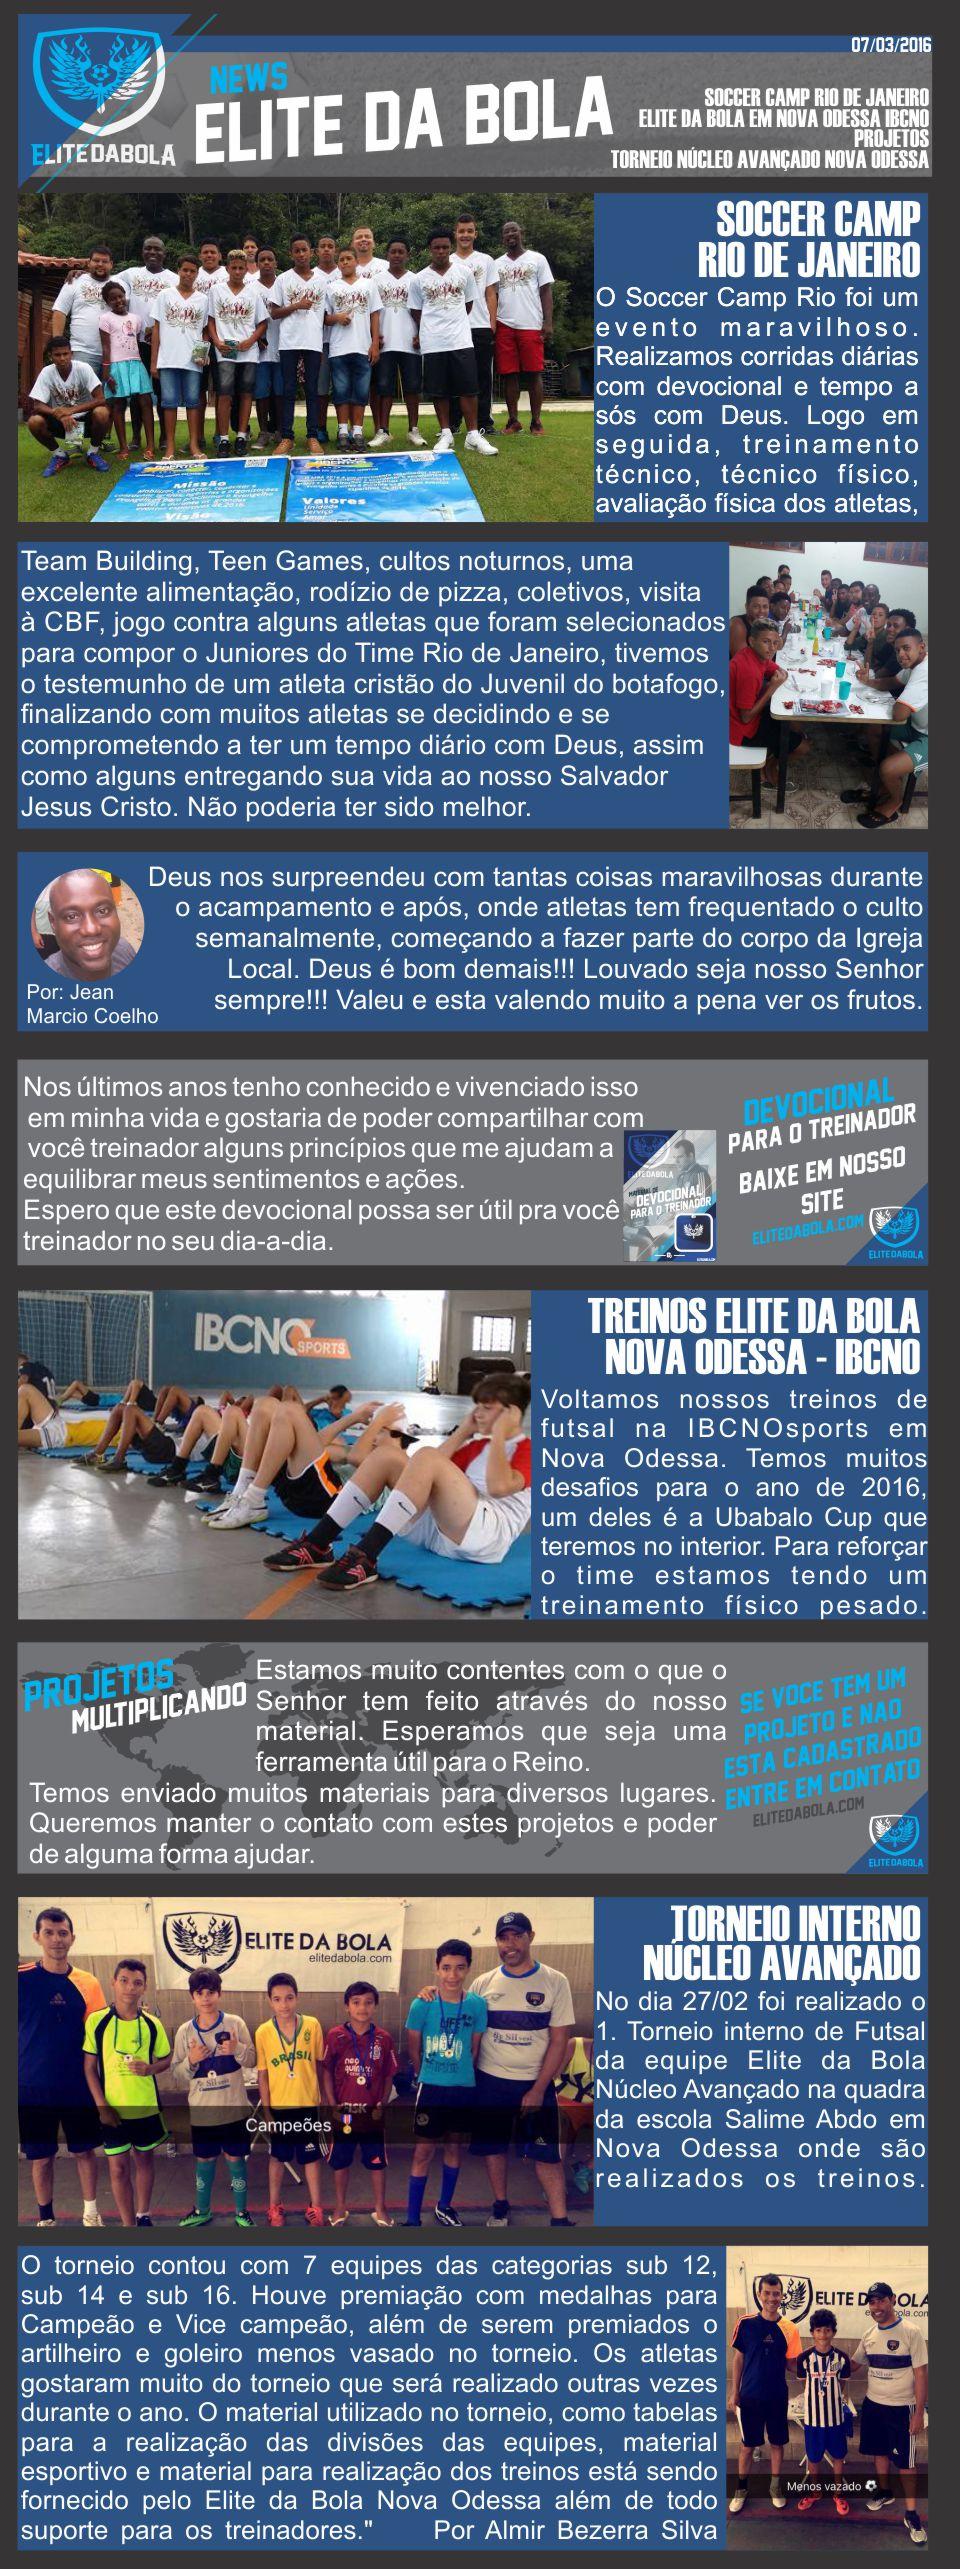 News-07.03.2016-Elite-da-Bola11